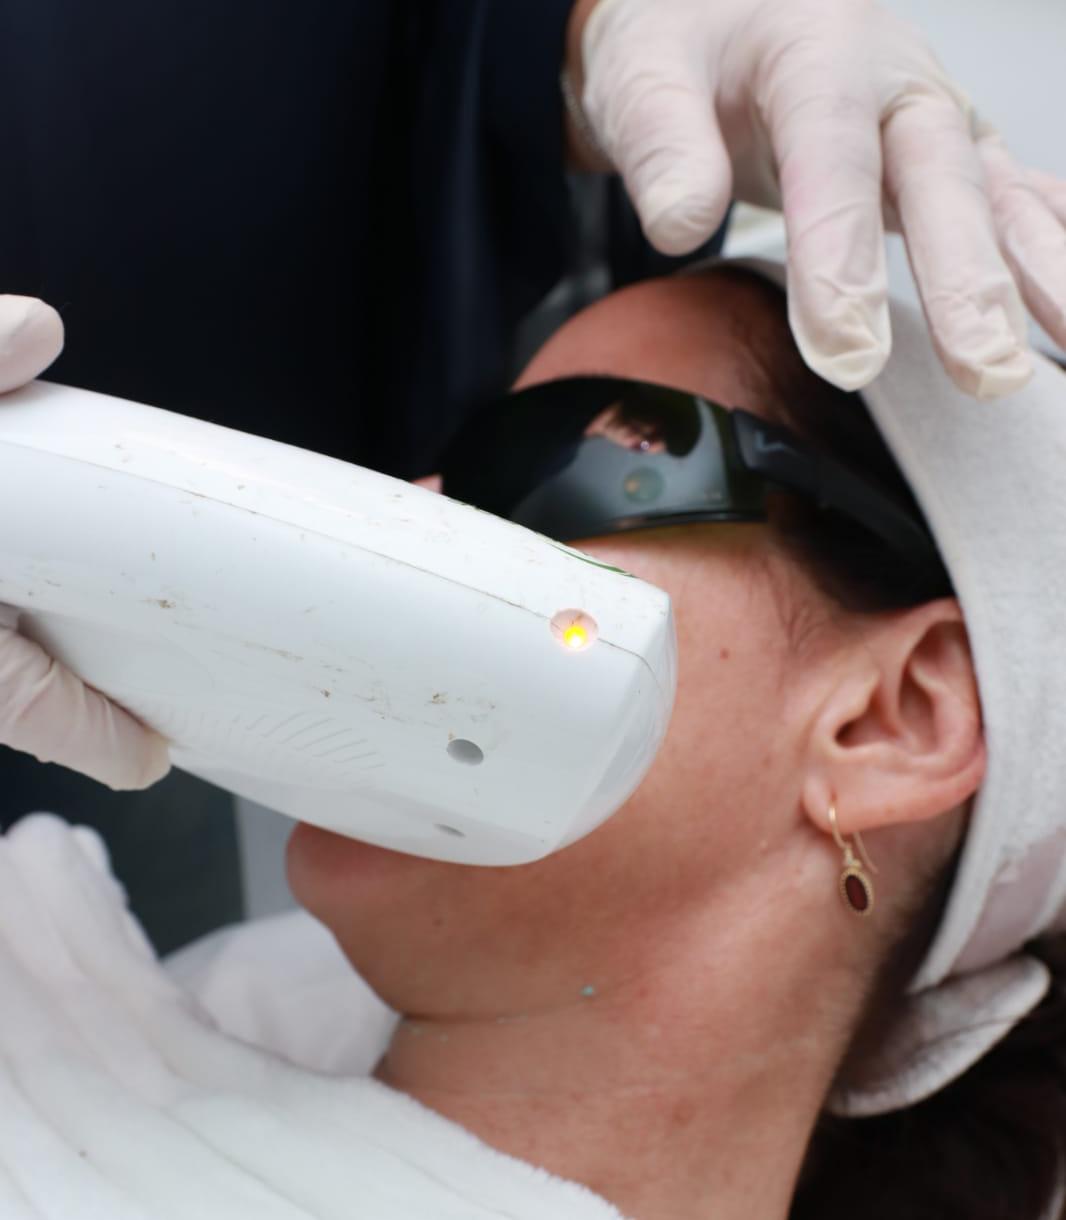 טכנולוגיית האור שמצליחה להסיר שיער פנים ומשיגה לבנות בישראל יופי אירופאי